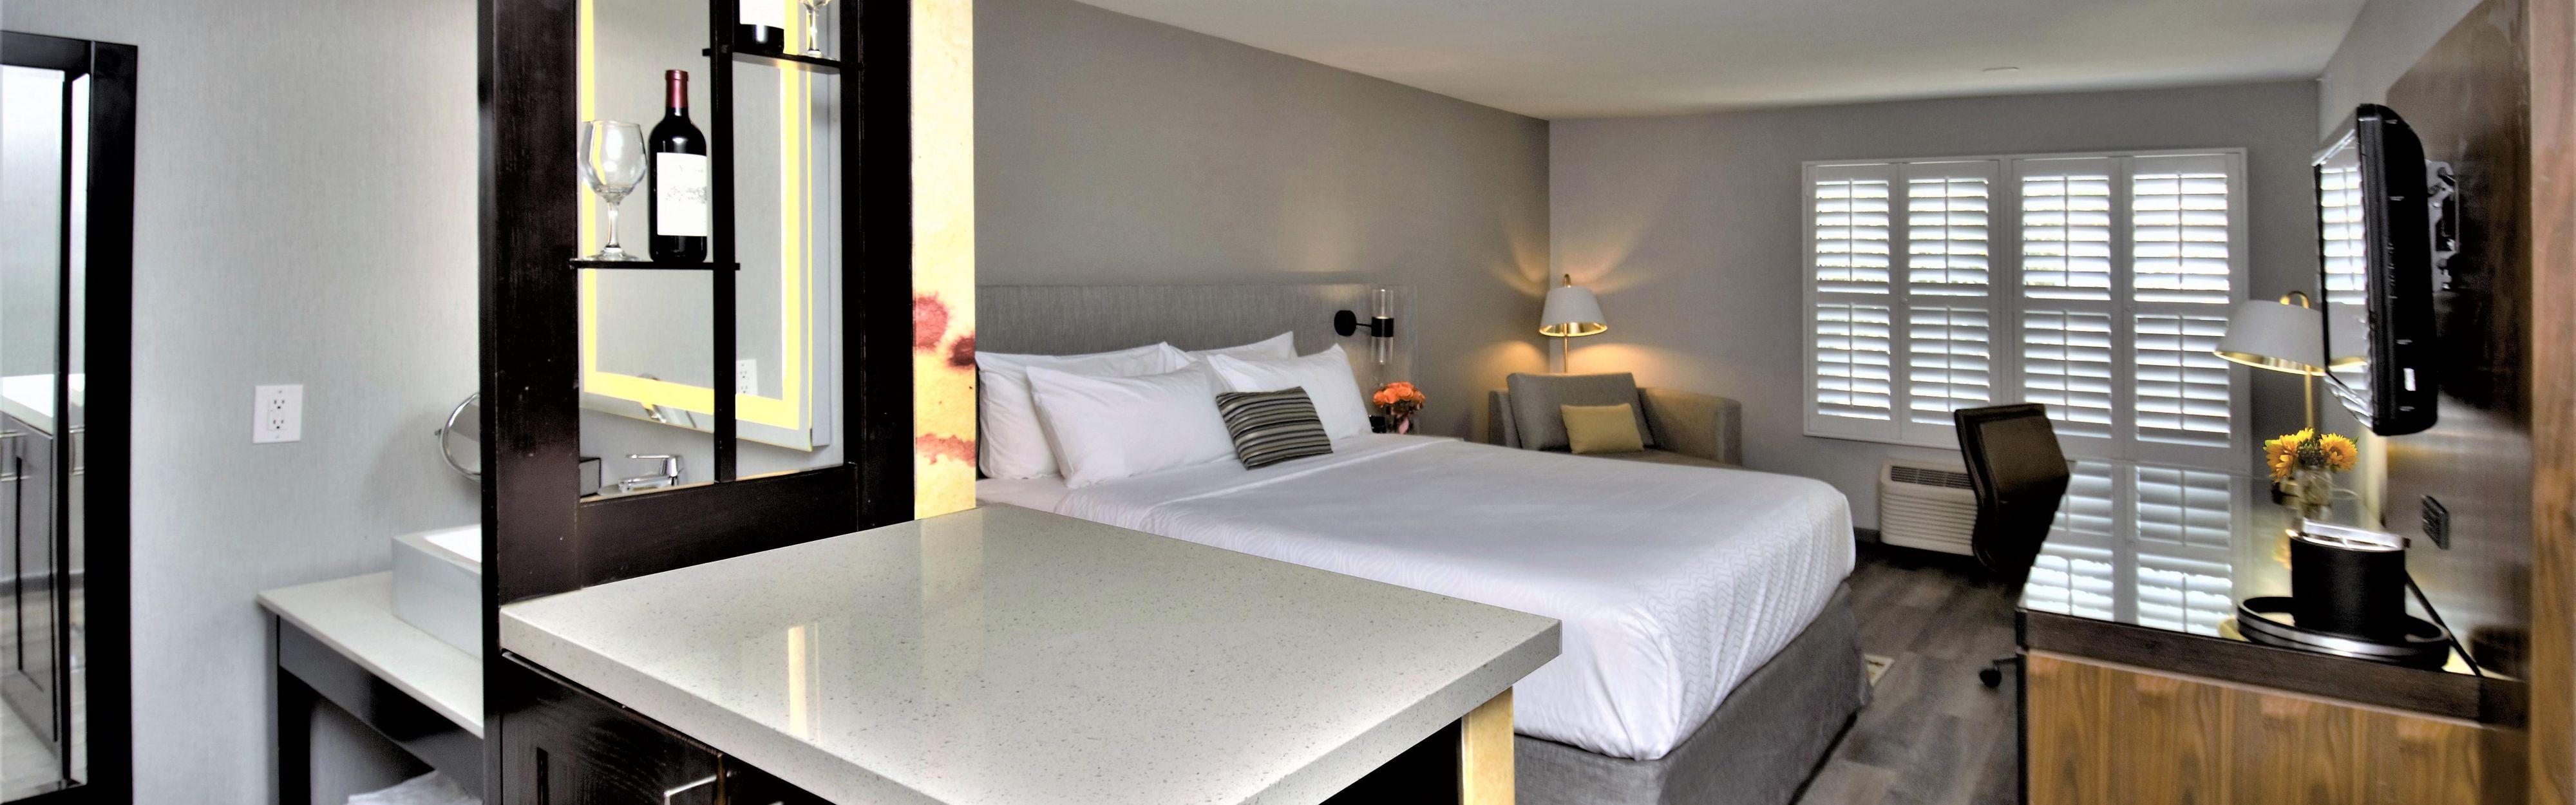 Hotel Indigo Napa Valley image 1